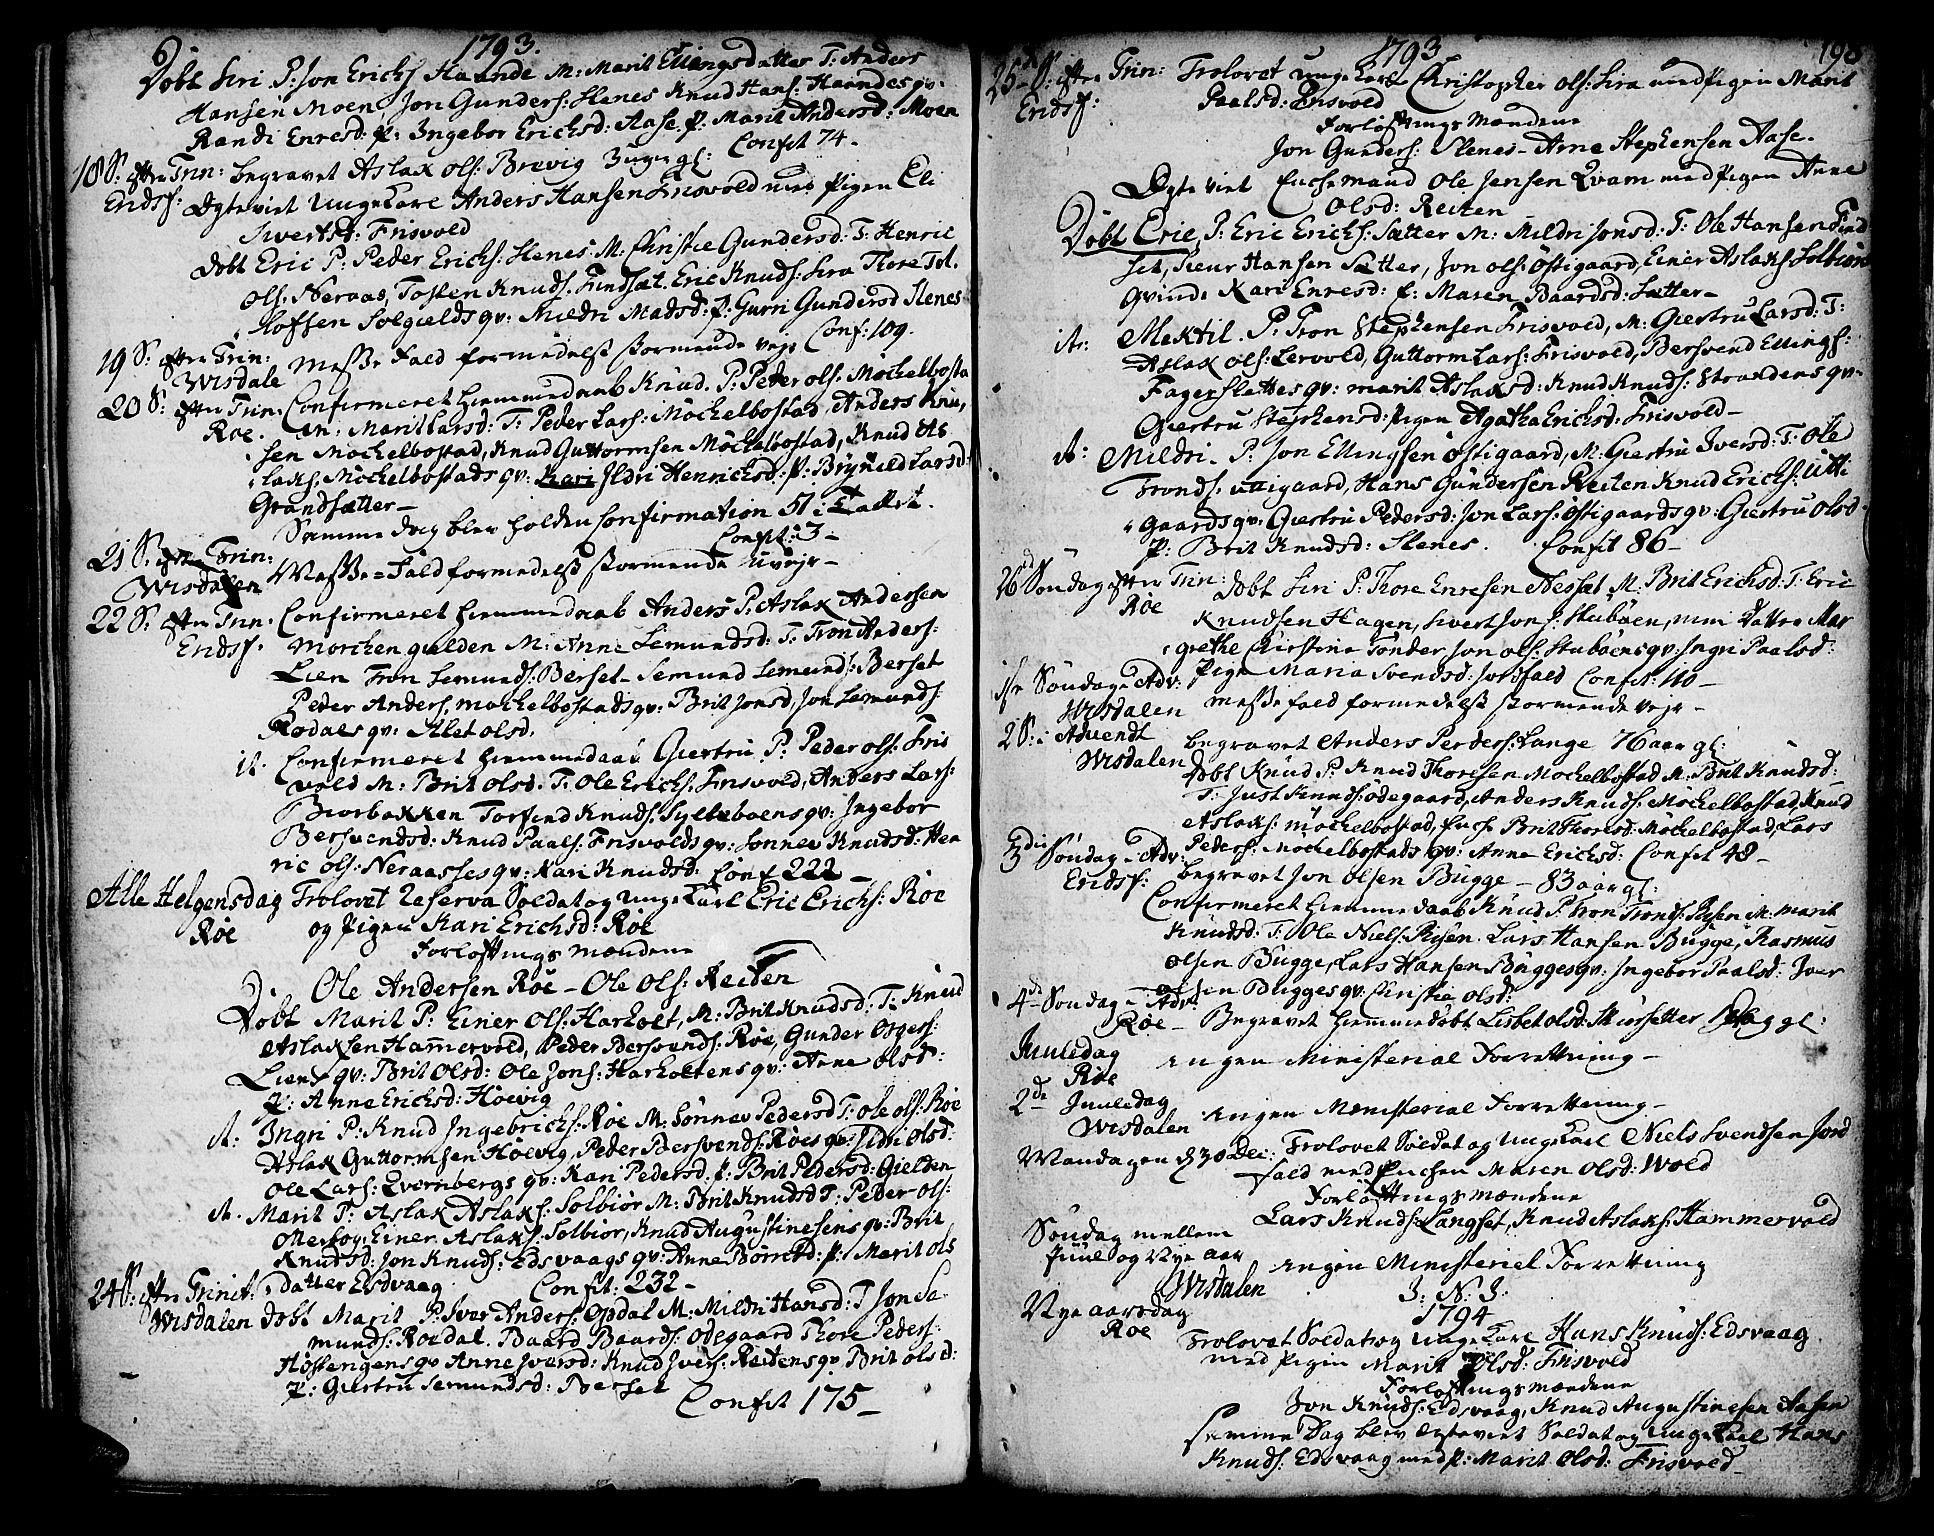 SAT, Ministerialprotokoller, klokkerbøker og fødselsregistre - Møre og Romsdal, 551/L0621: Parish register (official) no. 551A01, 1757-1803, p. 198